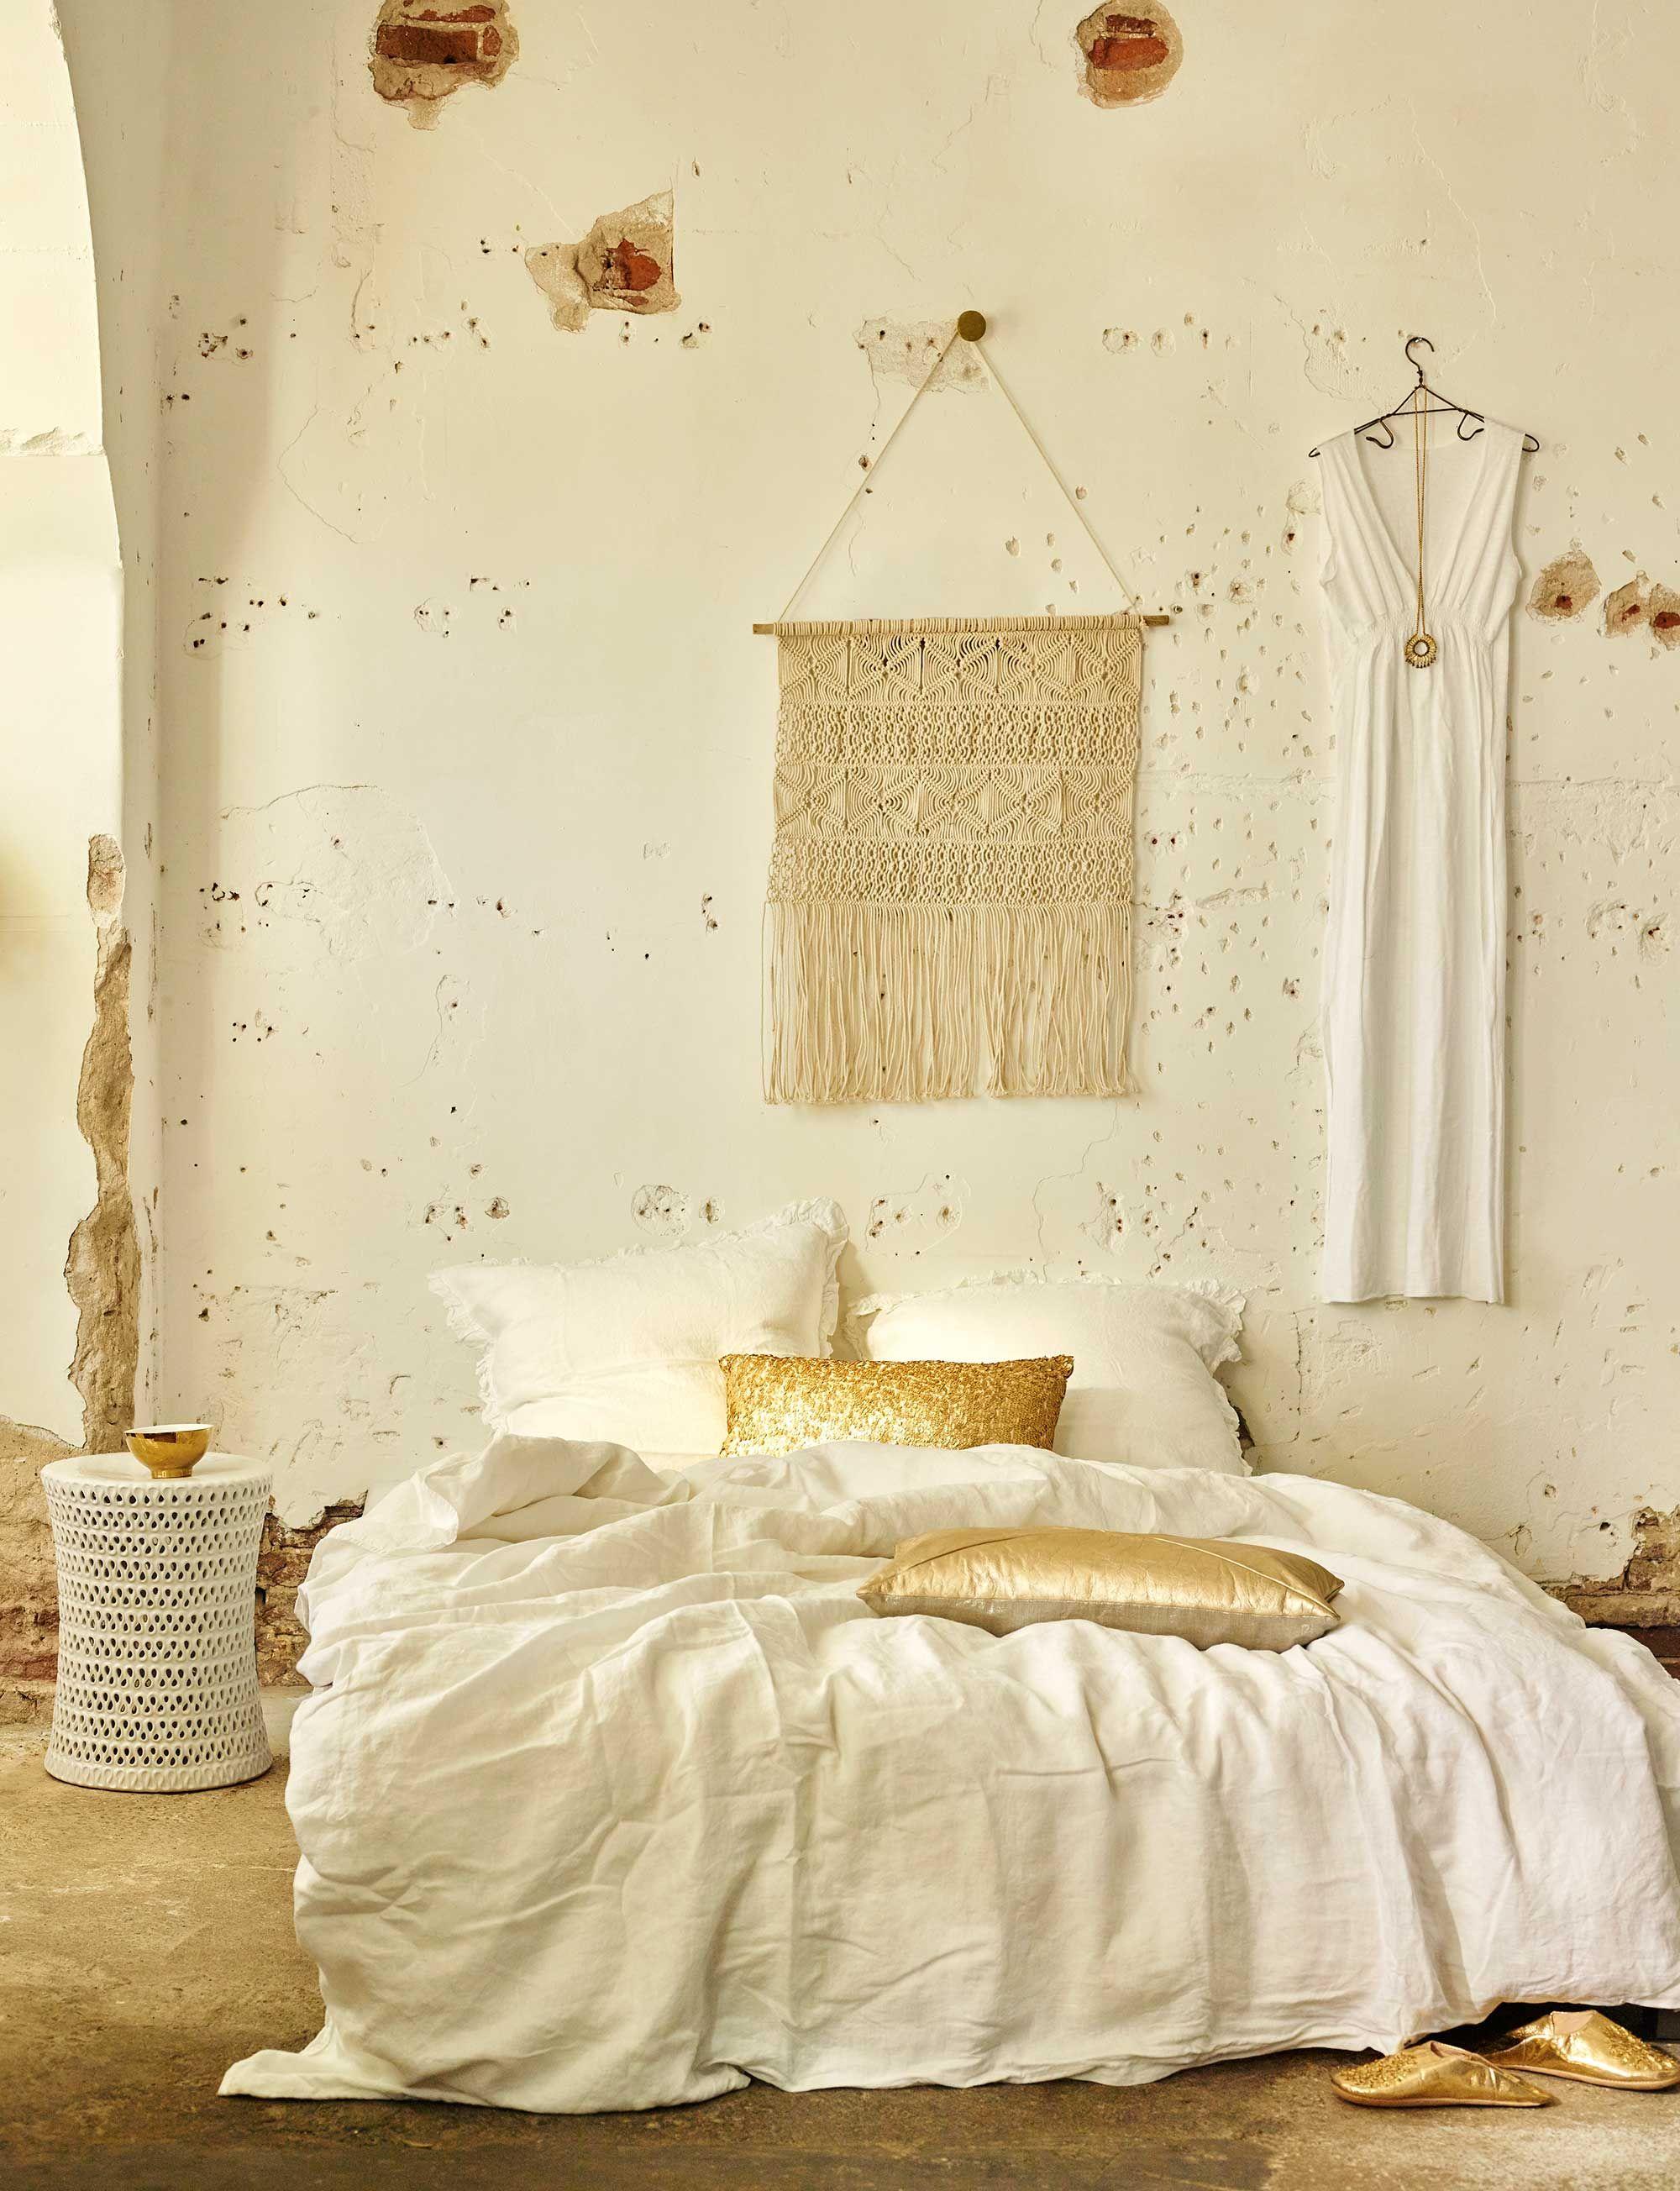 bohemien slaapkamer  bohemian bedroom  vtwonen 072016